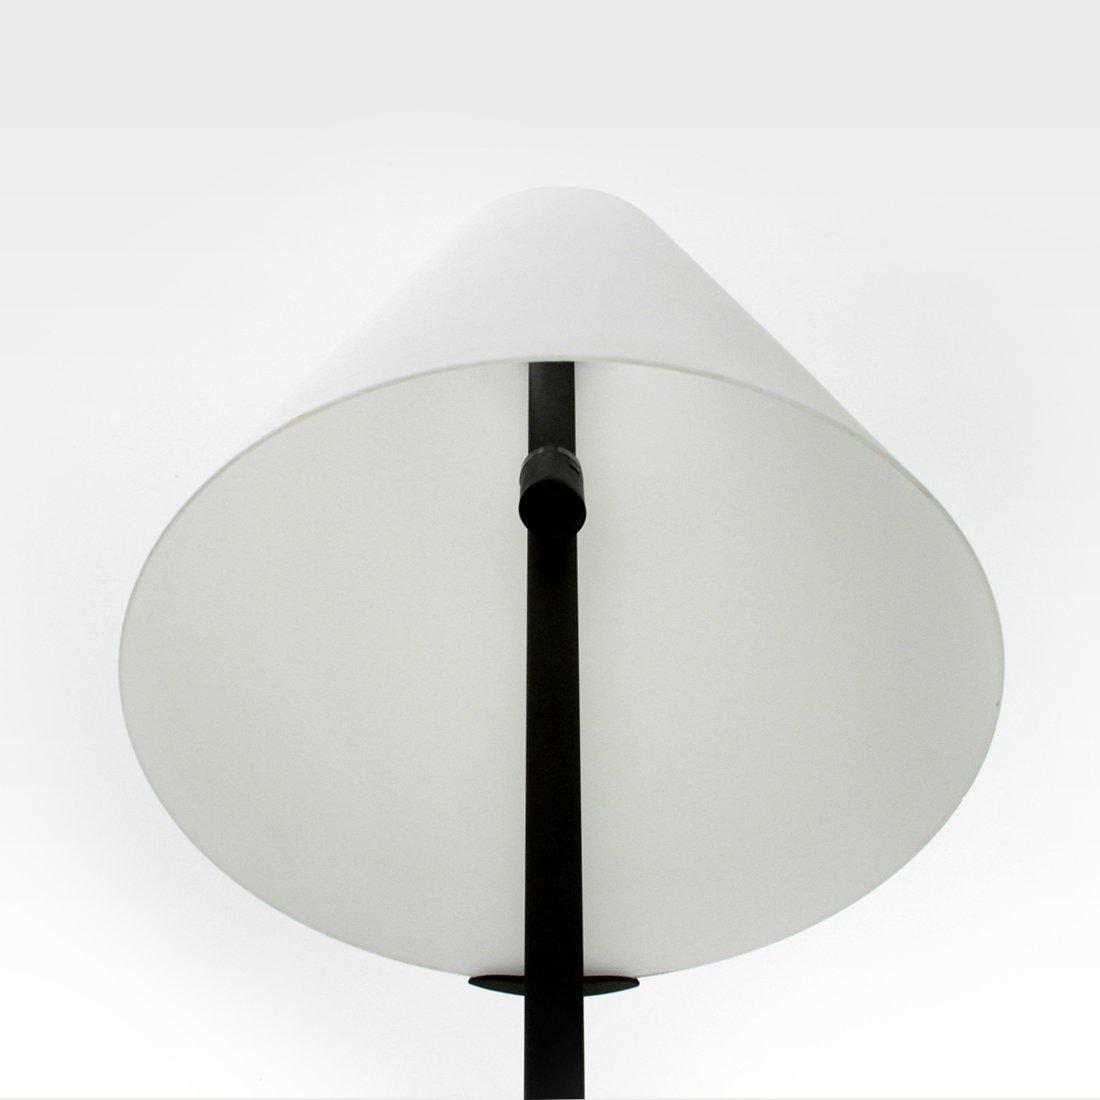 micene stehlampe mit opalglas schirm von leucos 1990er bei pamono kaufen. Black Bedroom Furniture Sets. Home Design Ideas